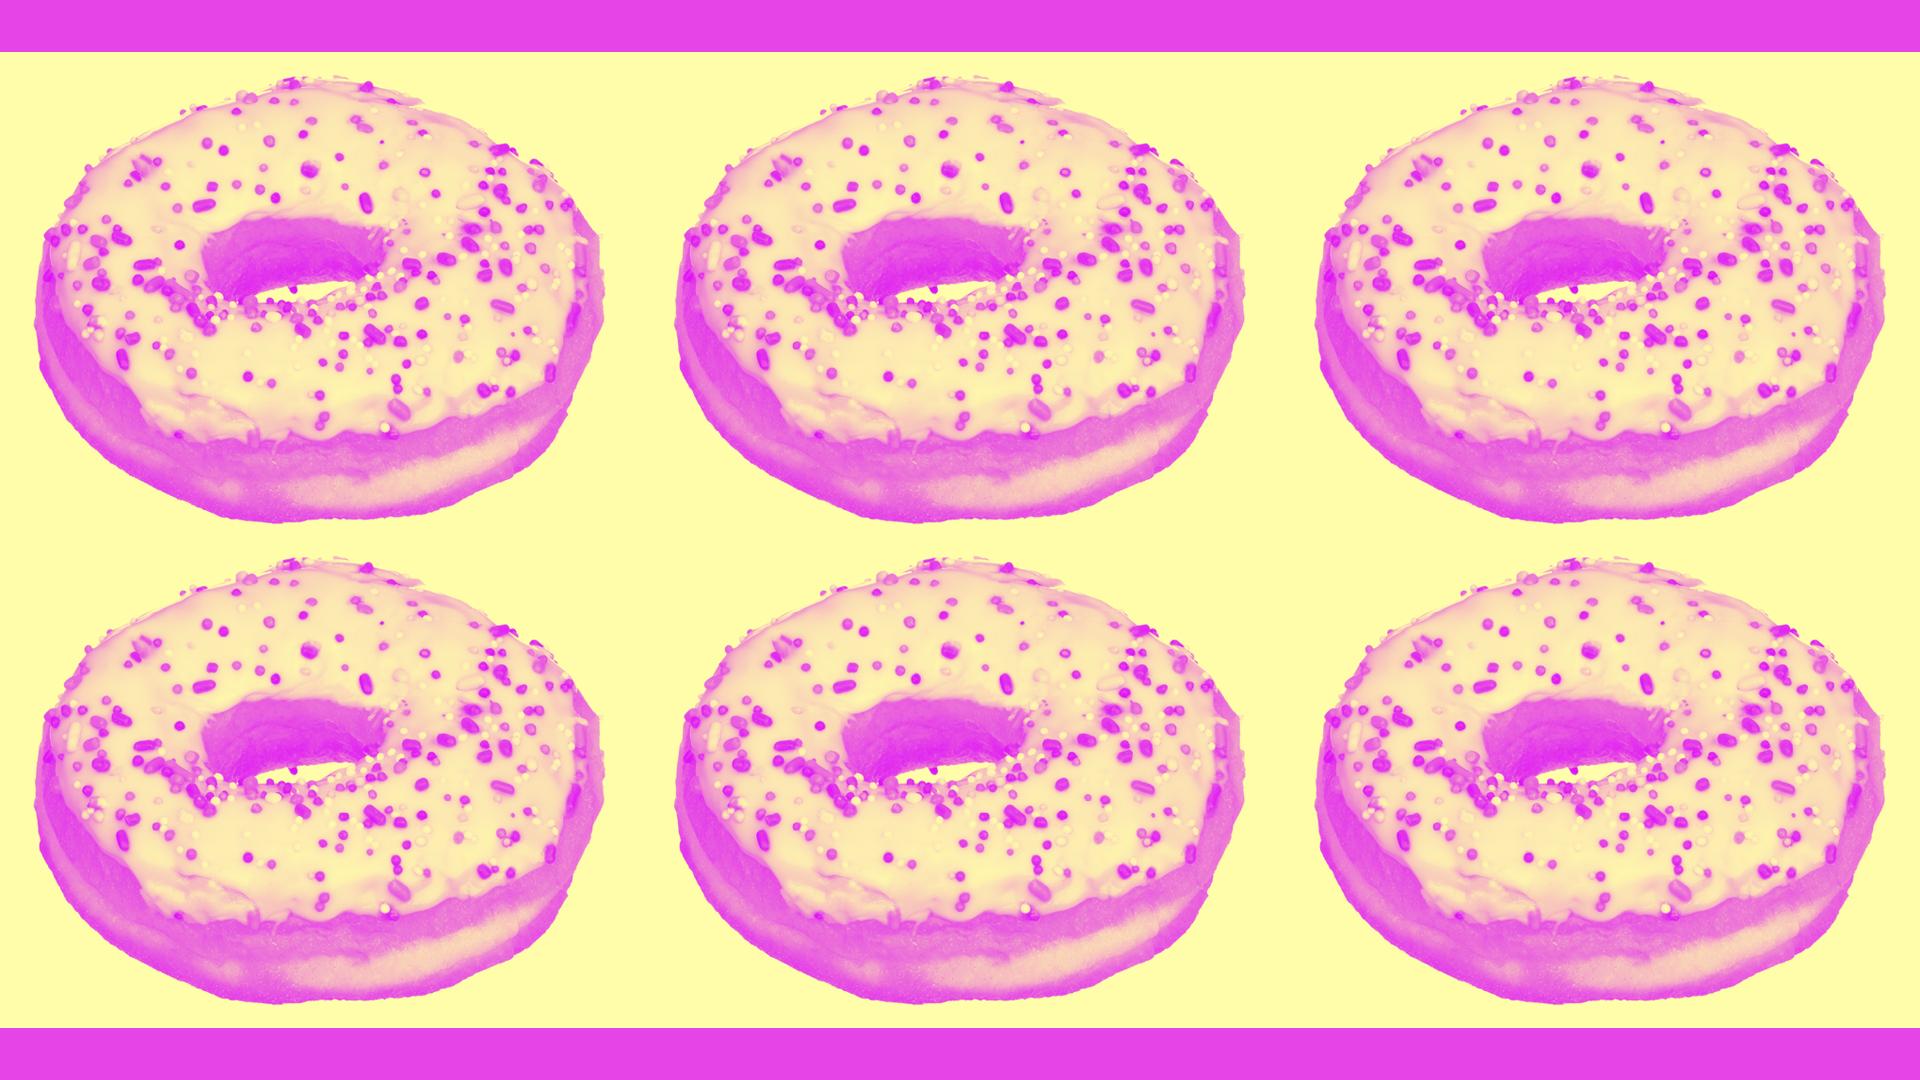 Donut wallpaper downloads | Freckle & Fair